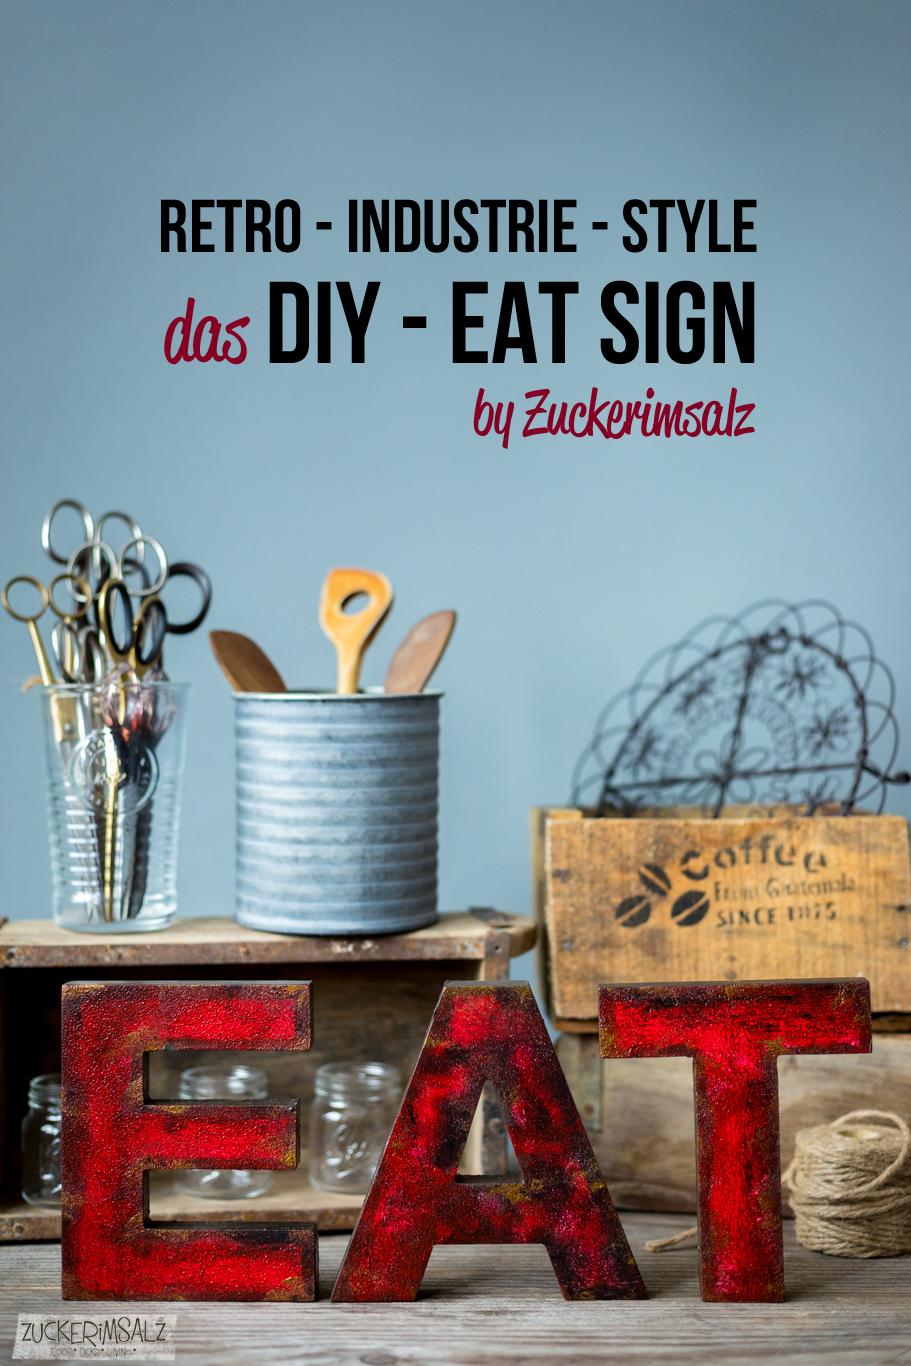 das 30 Minuten DIY … EAT Sign im Retro Industrie Style